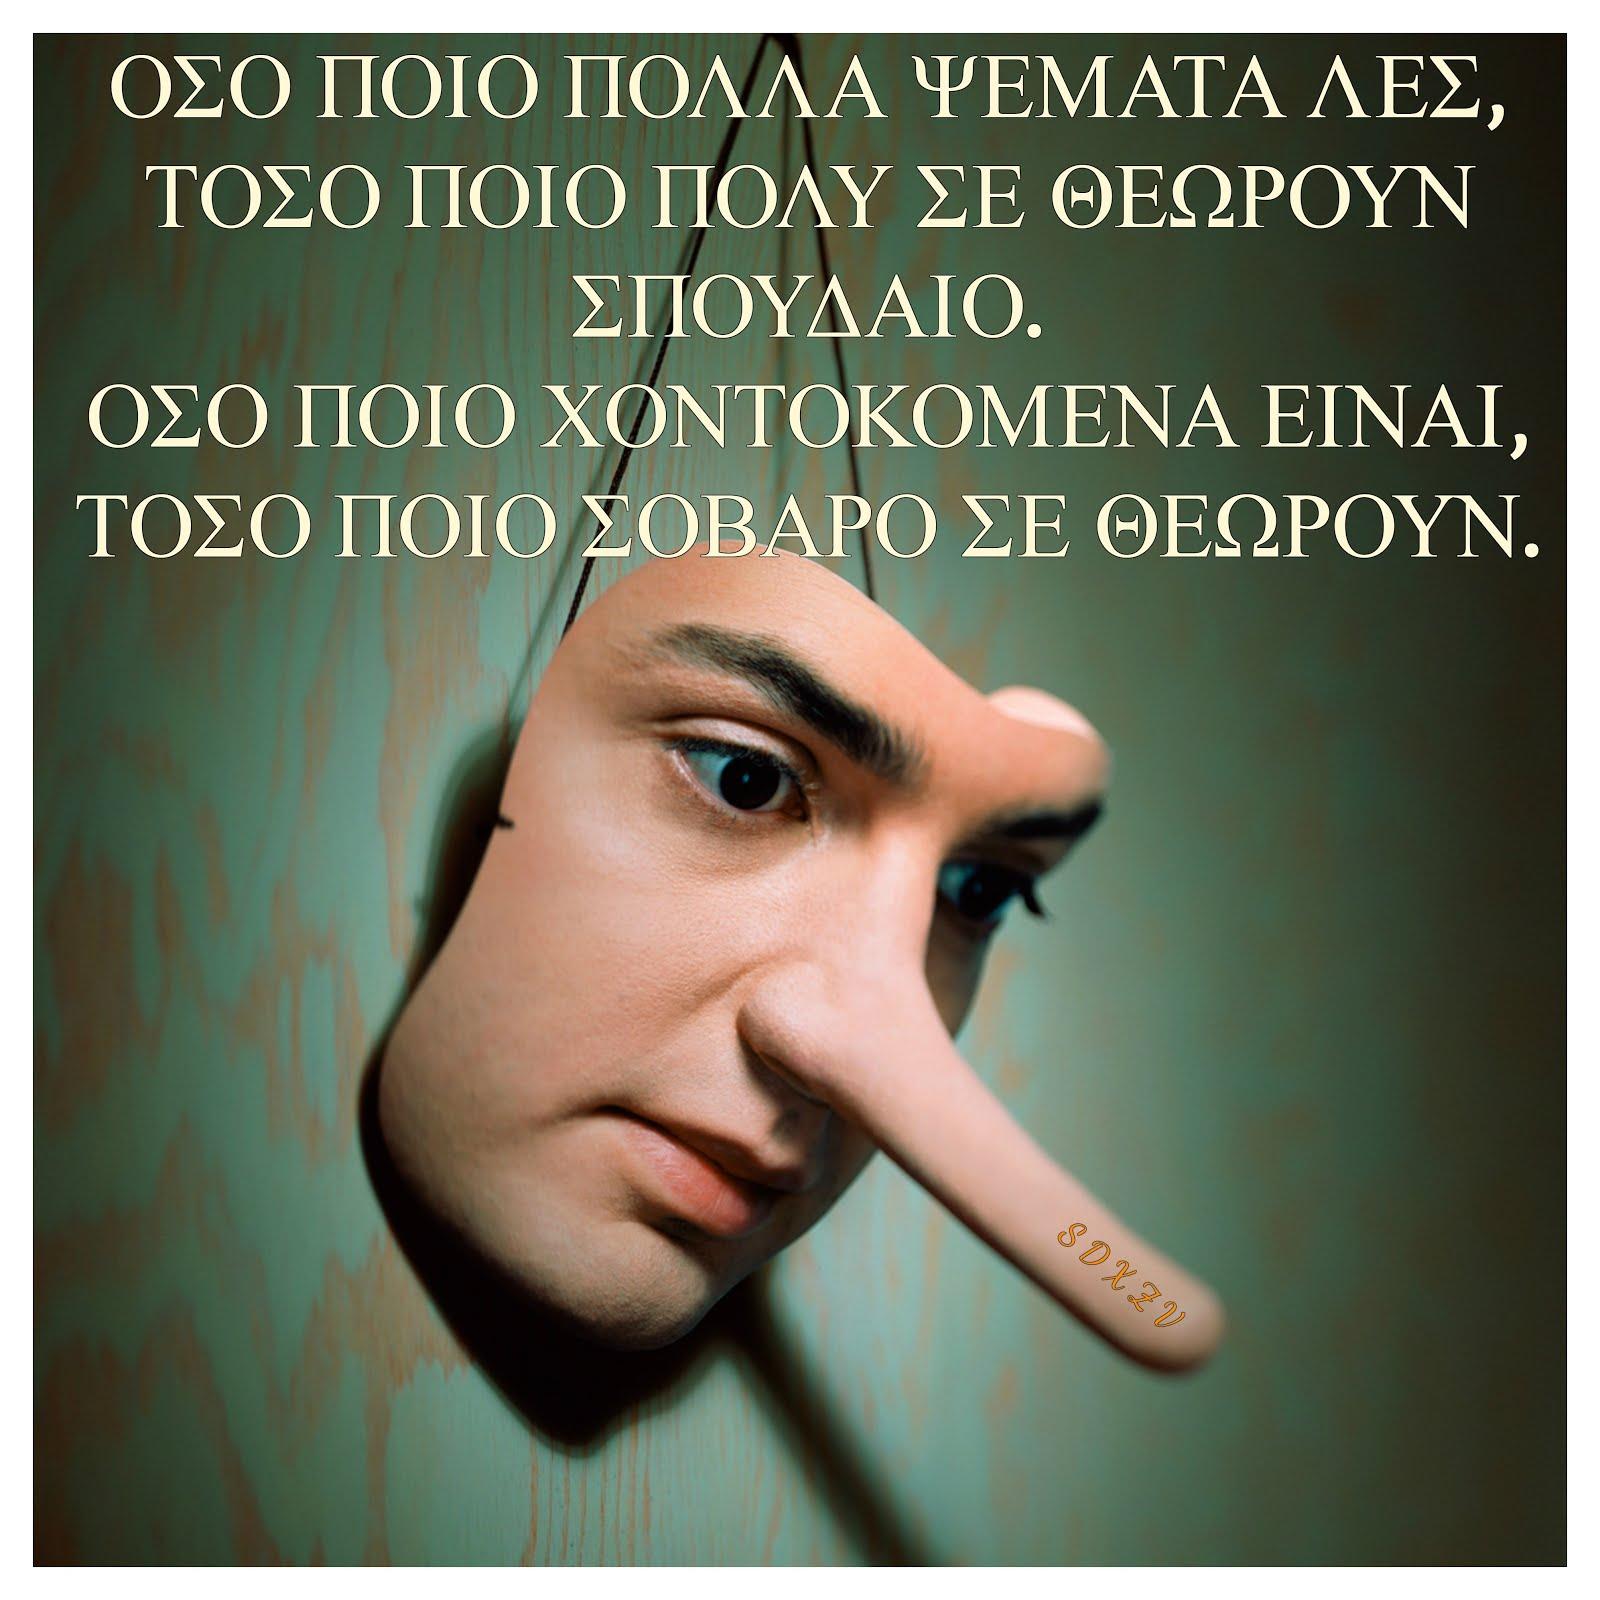 Σπουδαίος-σοβαρός Ψεύτης !